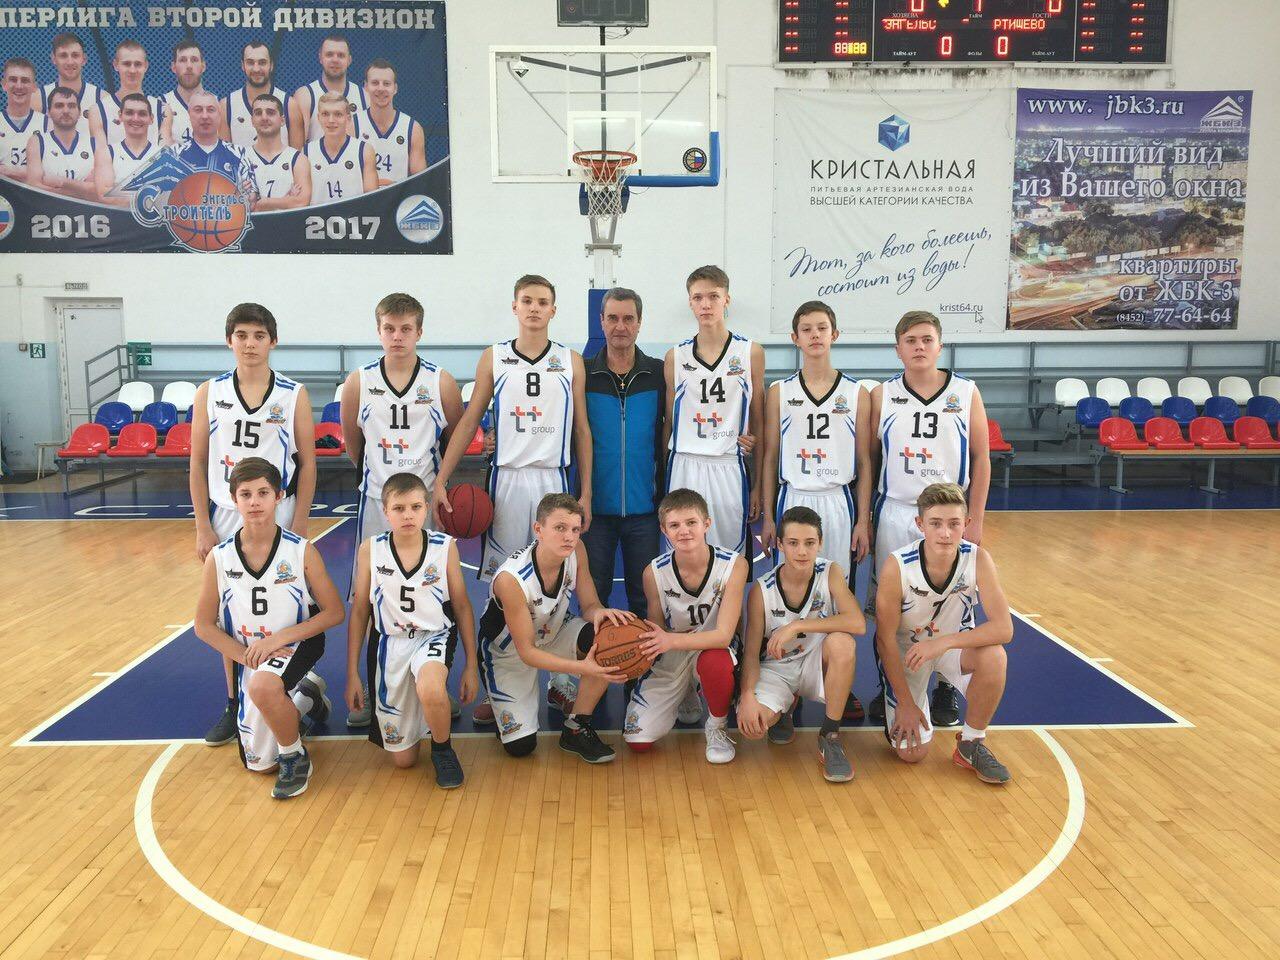 Ртищевские баскетболисты стали победителями досрочно